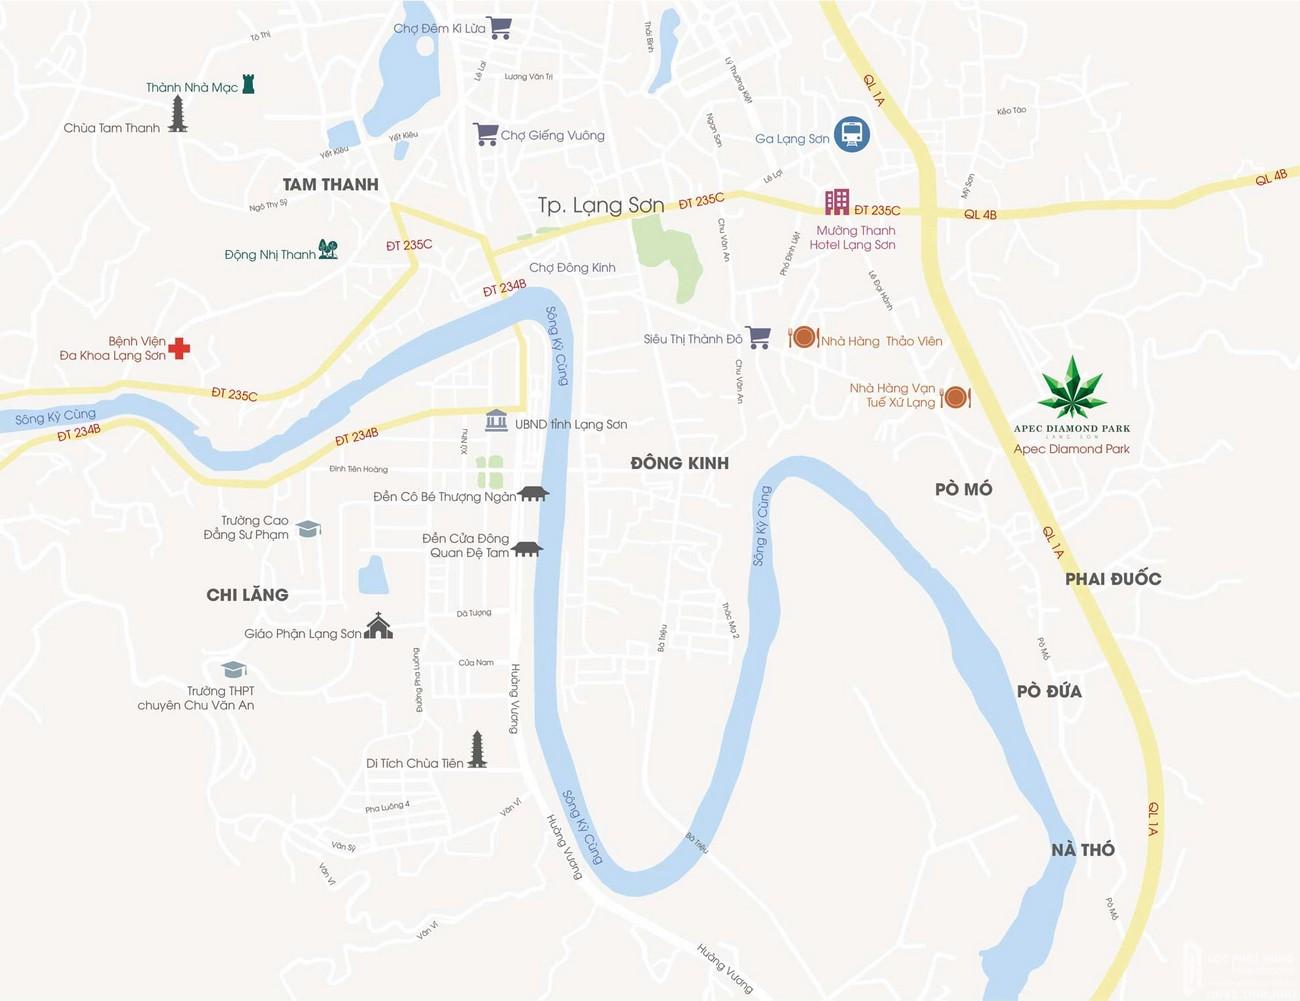 Vị trí địa chỉ dự án căn hộ chung cư Apec Diamond Park Lạng Sơn chủ đầu tư Apec Group